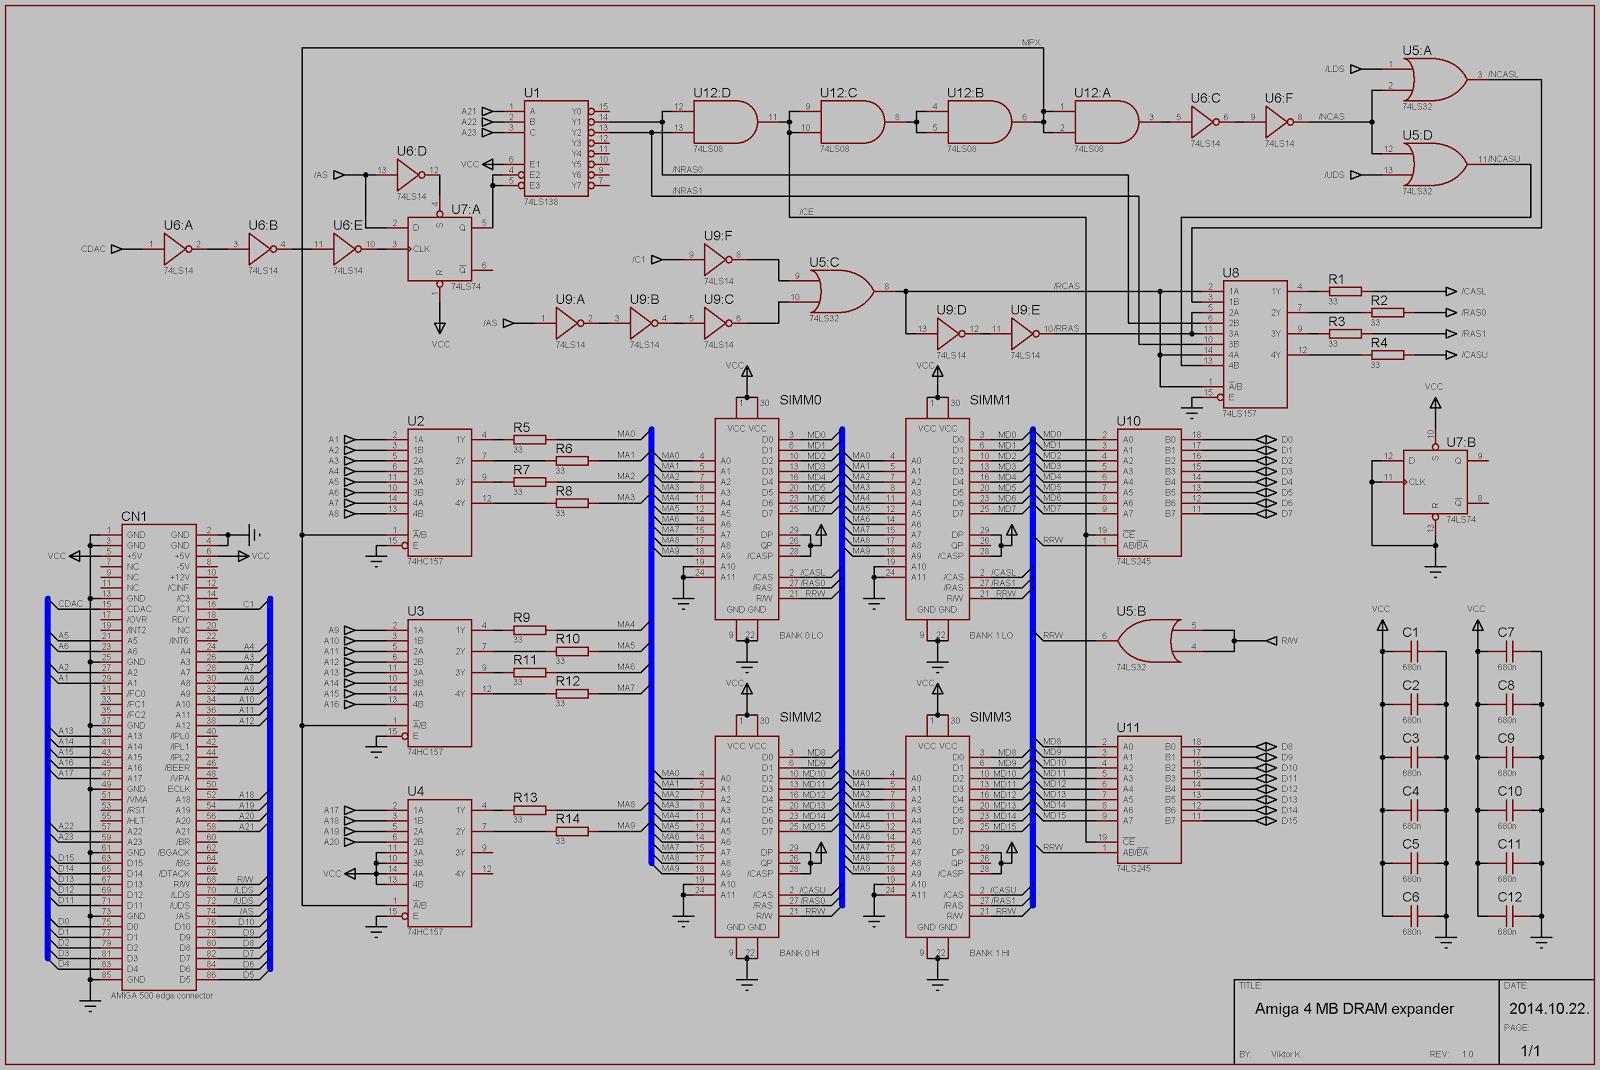 scsi wiring diagram - 28 images